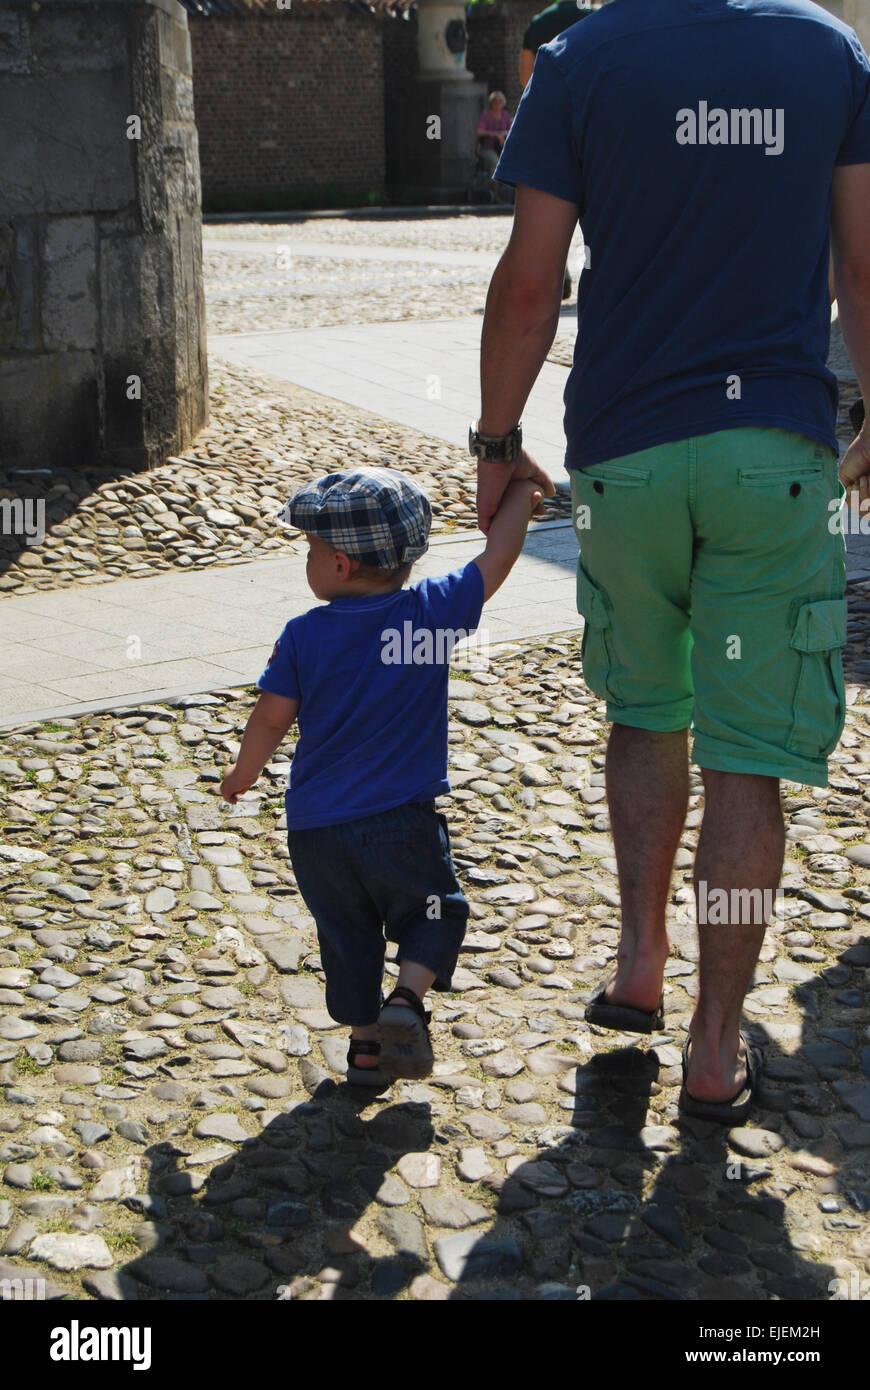 Vater und Sohn zu Fuß Stockfoto